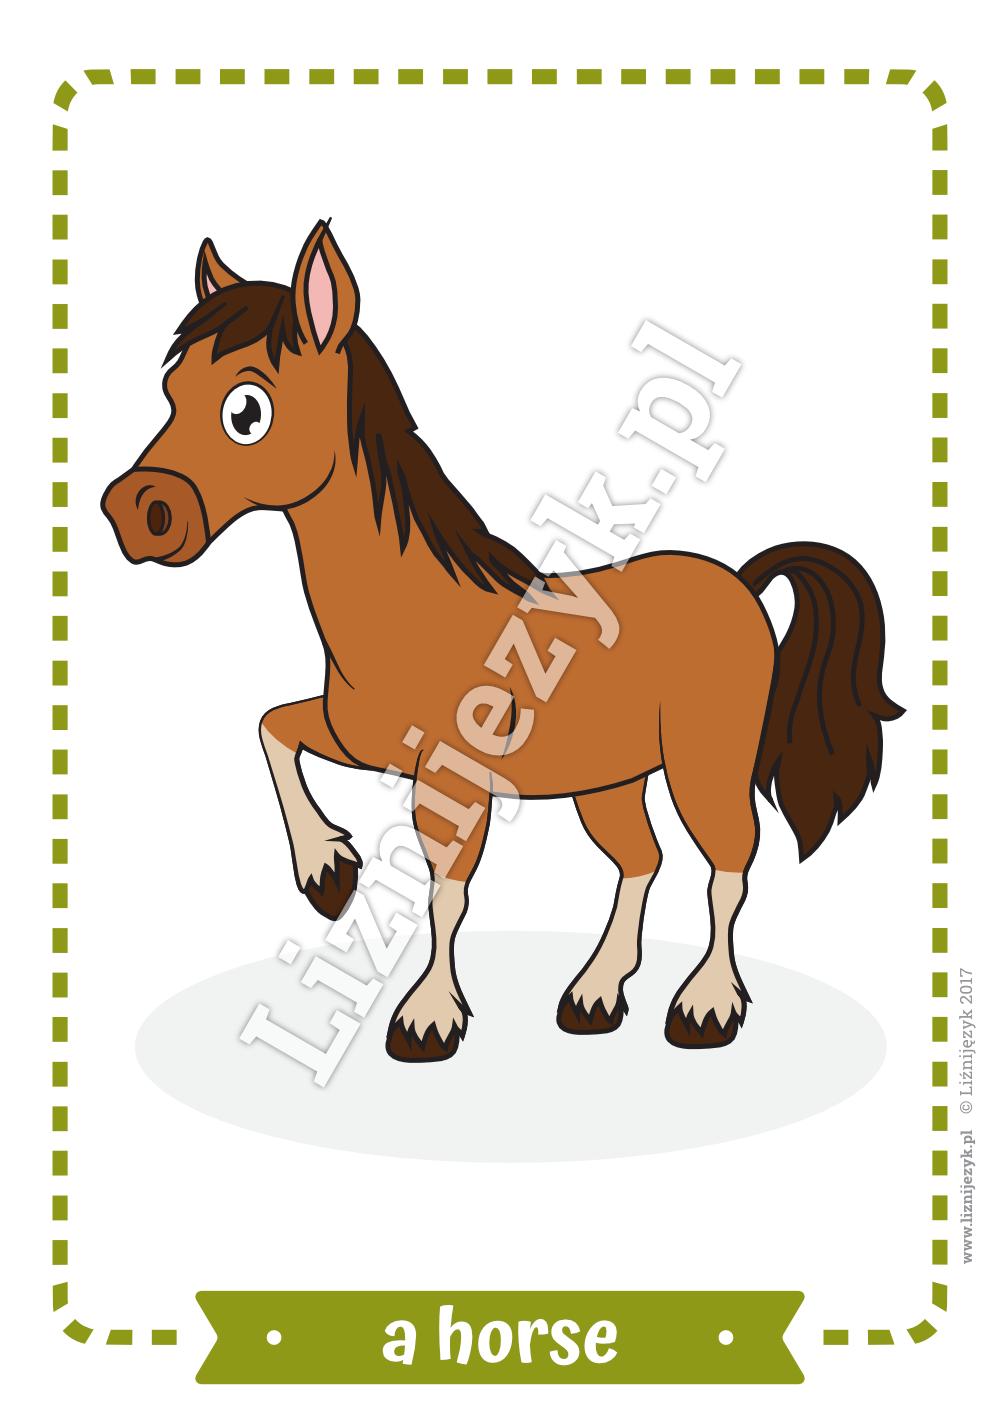 Farm Animals English Flashcards Animal Flashcards Farm Animals English Activities For Kids [ 1414 x 1000 Pixel ]